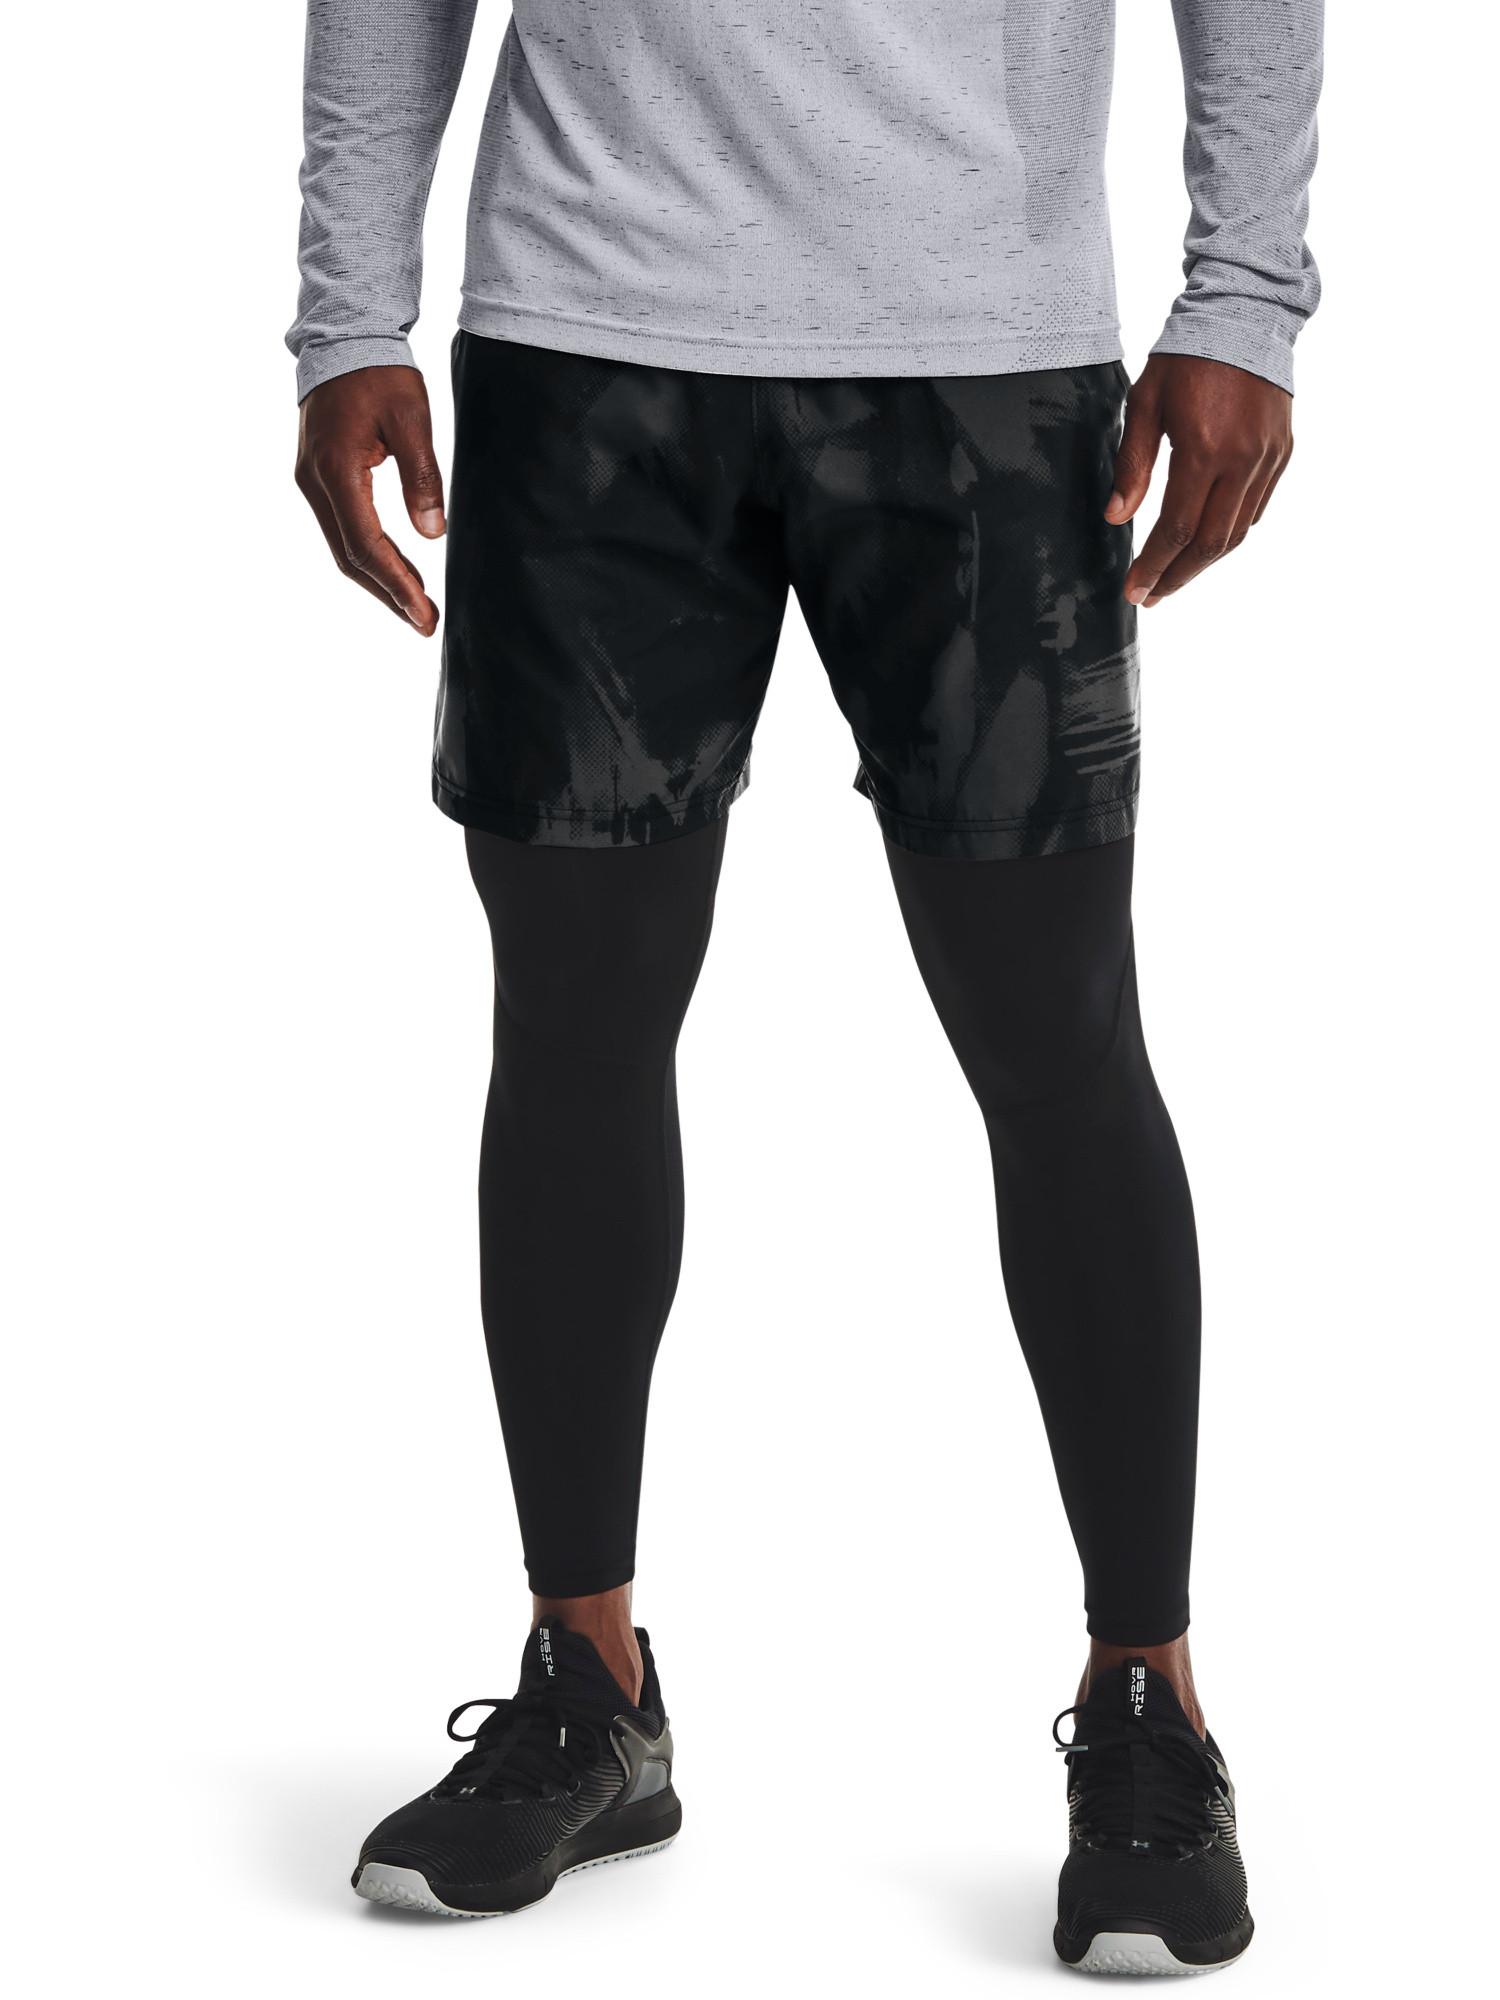 Shorts UA Woven Adapt da uomo, Nero, large image number 2